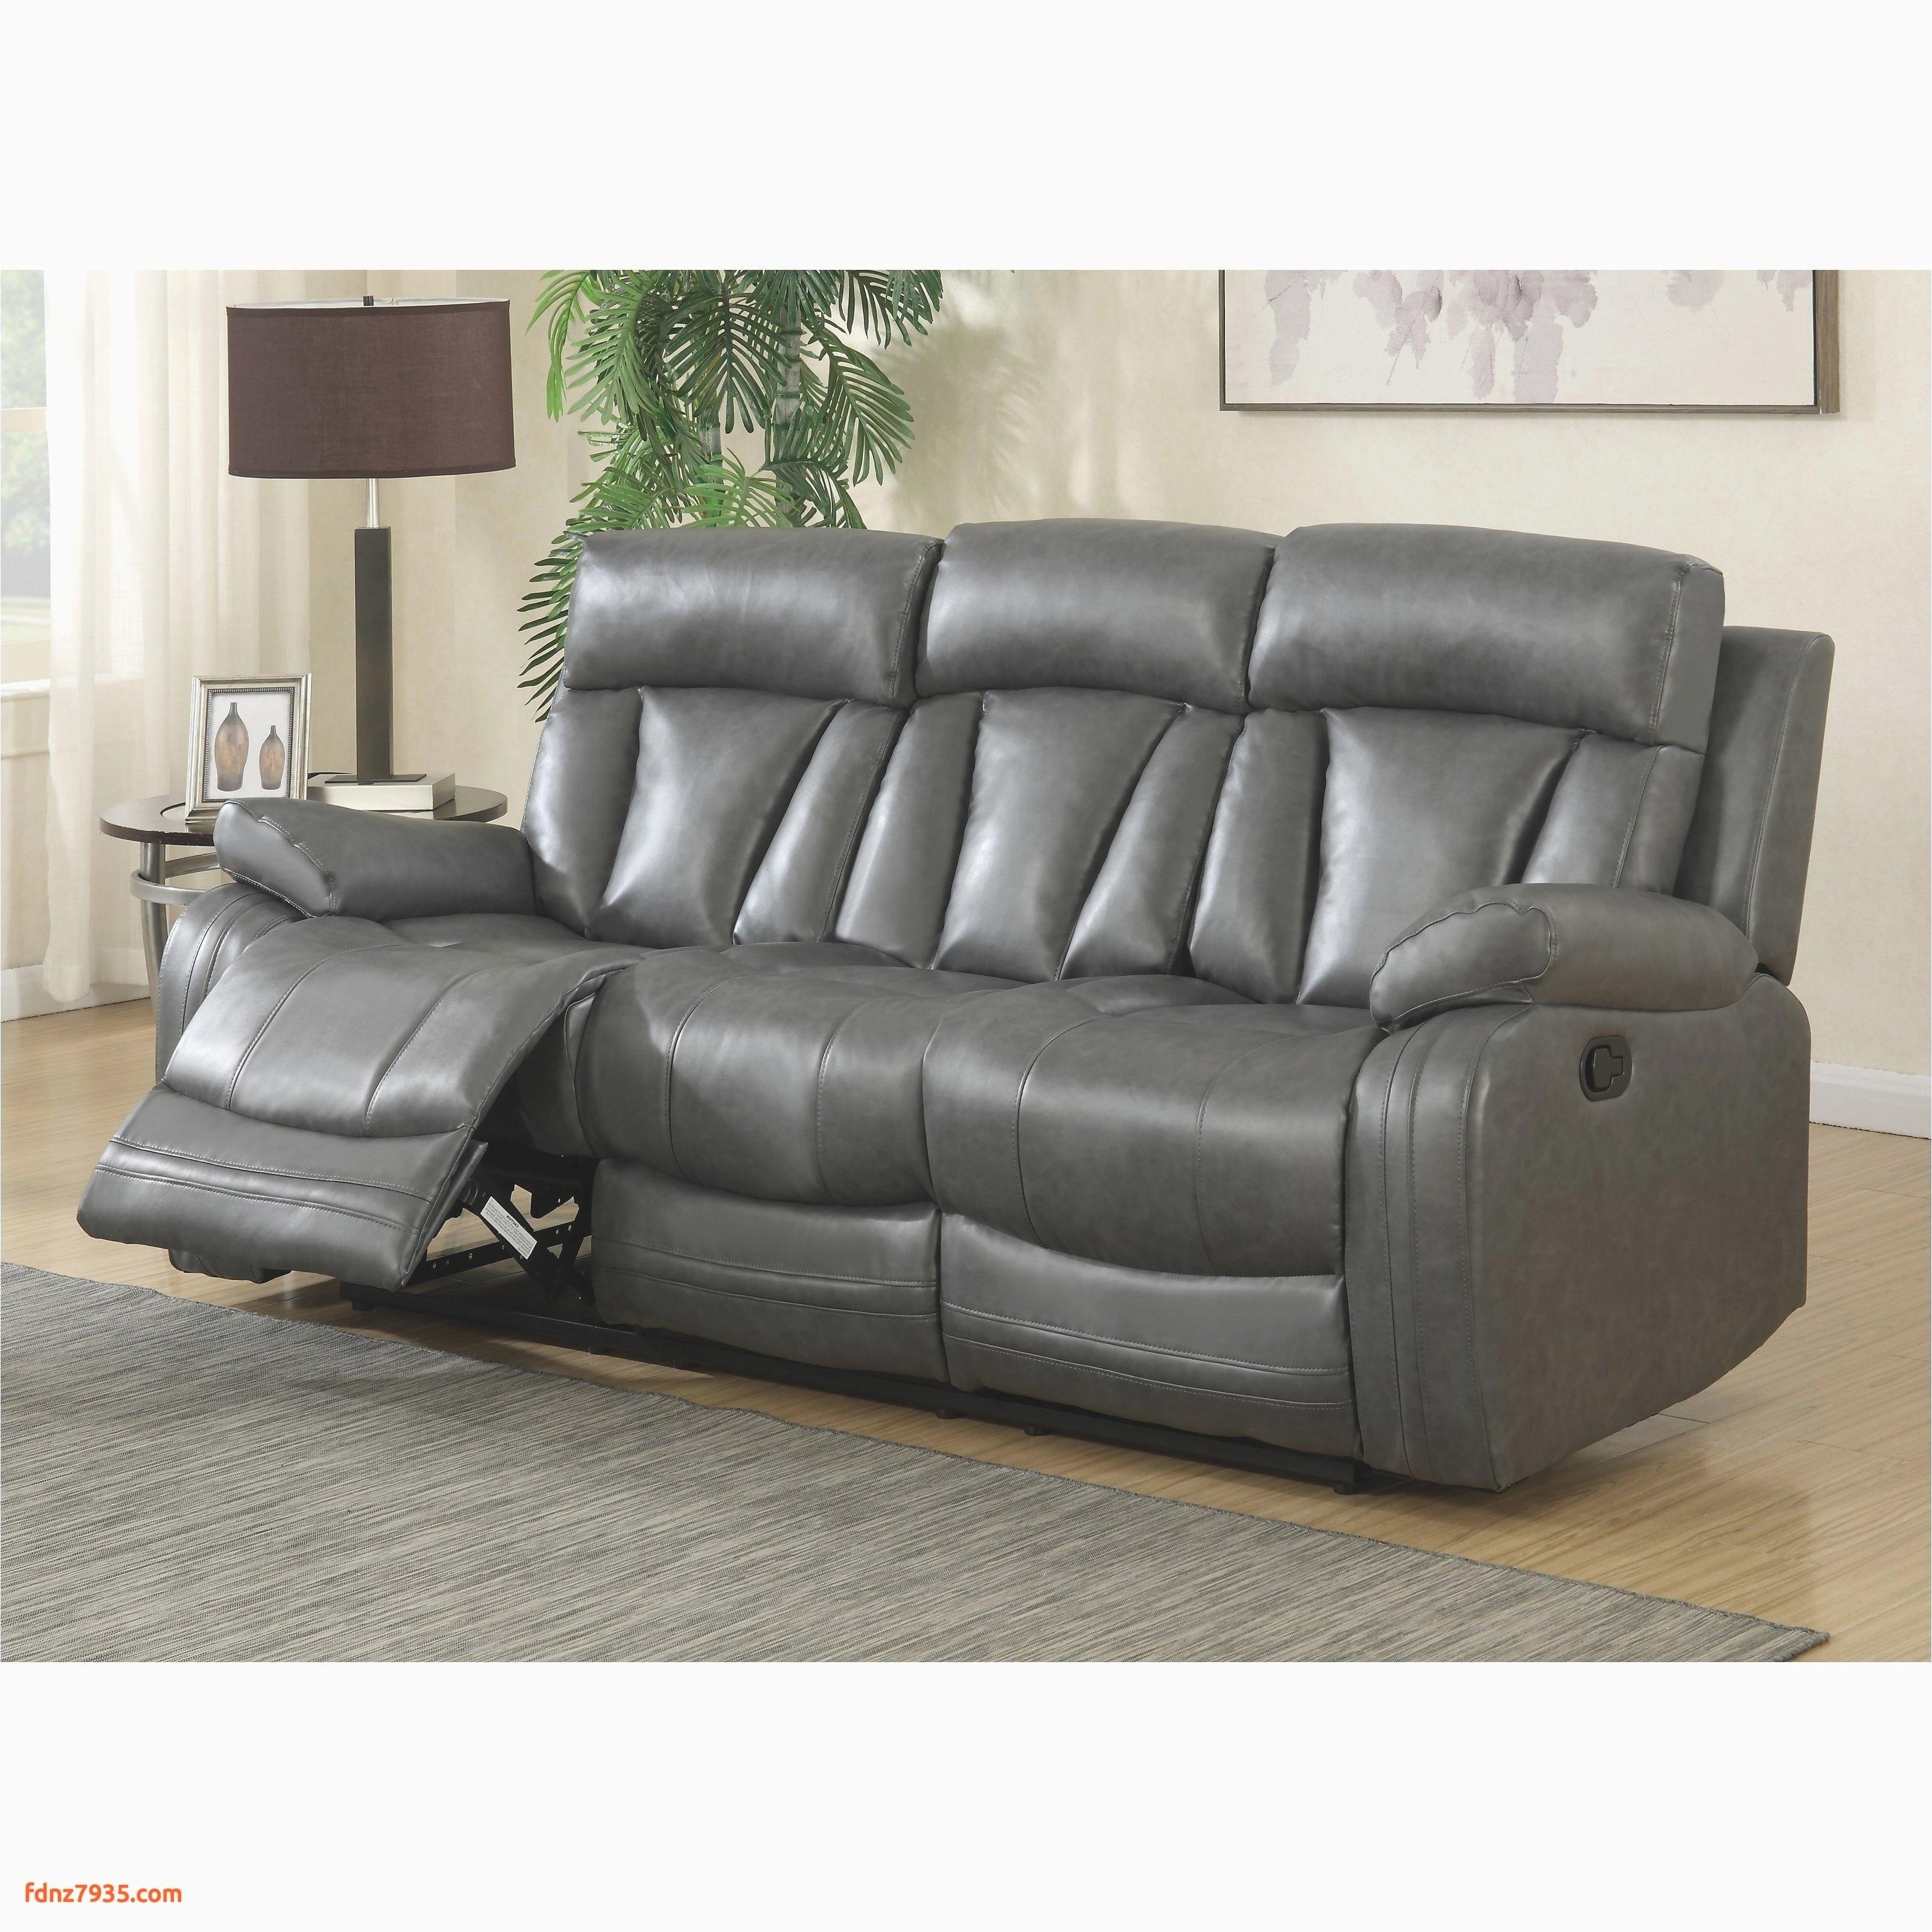 power reclining sofa and loveseat beautiful furniture gray reclining loveseat best tufted loveseat 0d 6472